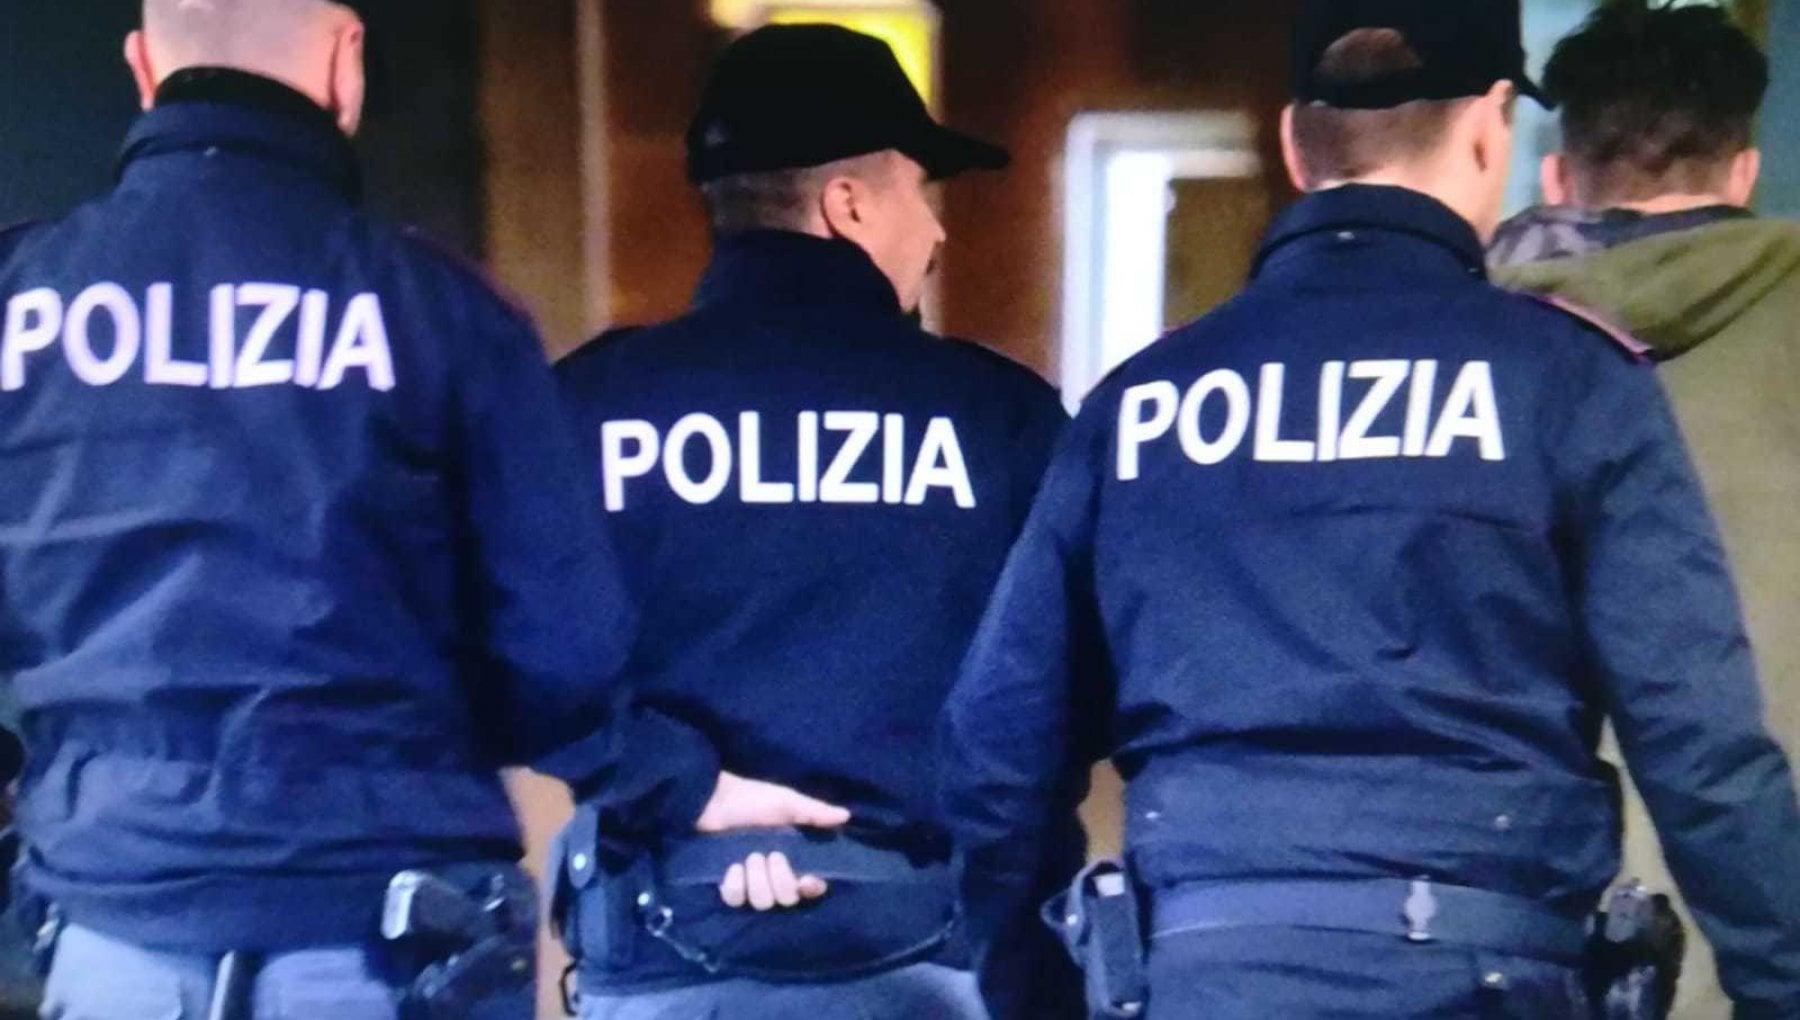 Reggio Calabria linformativa che svela gli affari dei clan per 500 miliardi